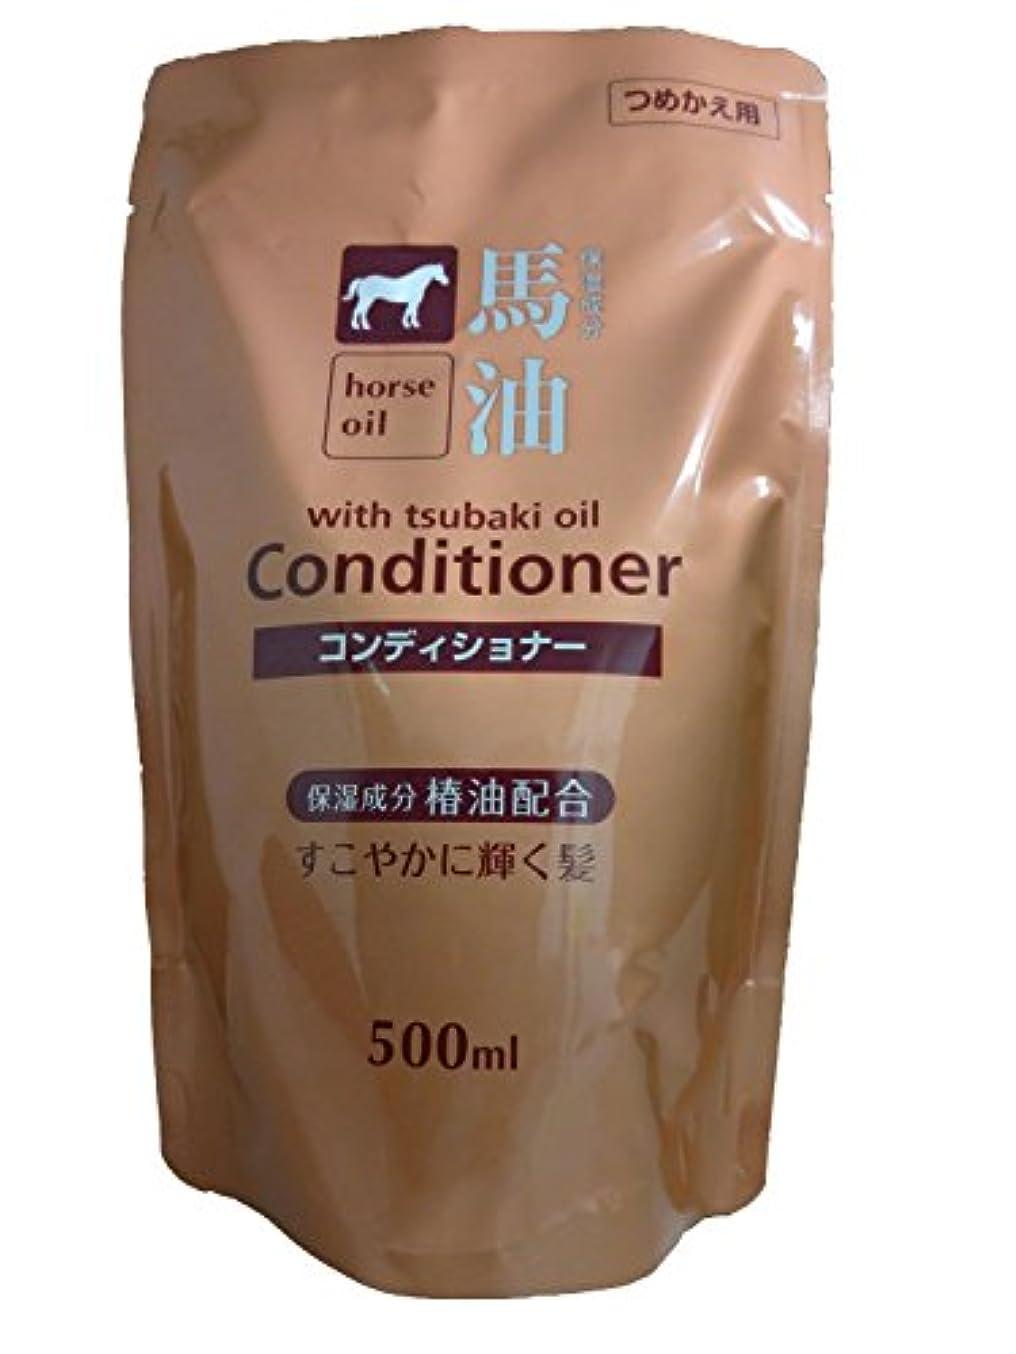 広範囲にデザート排除熊野油脂 馬油コンディショナー 詰め替え用 500ml